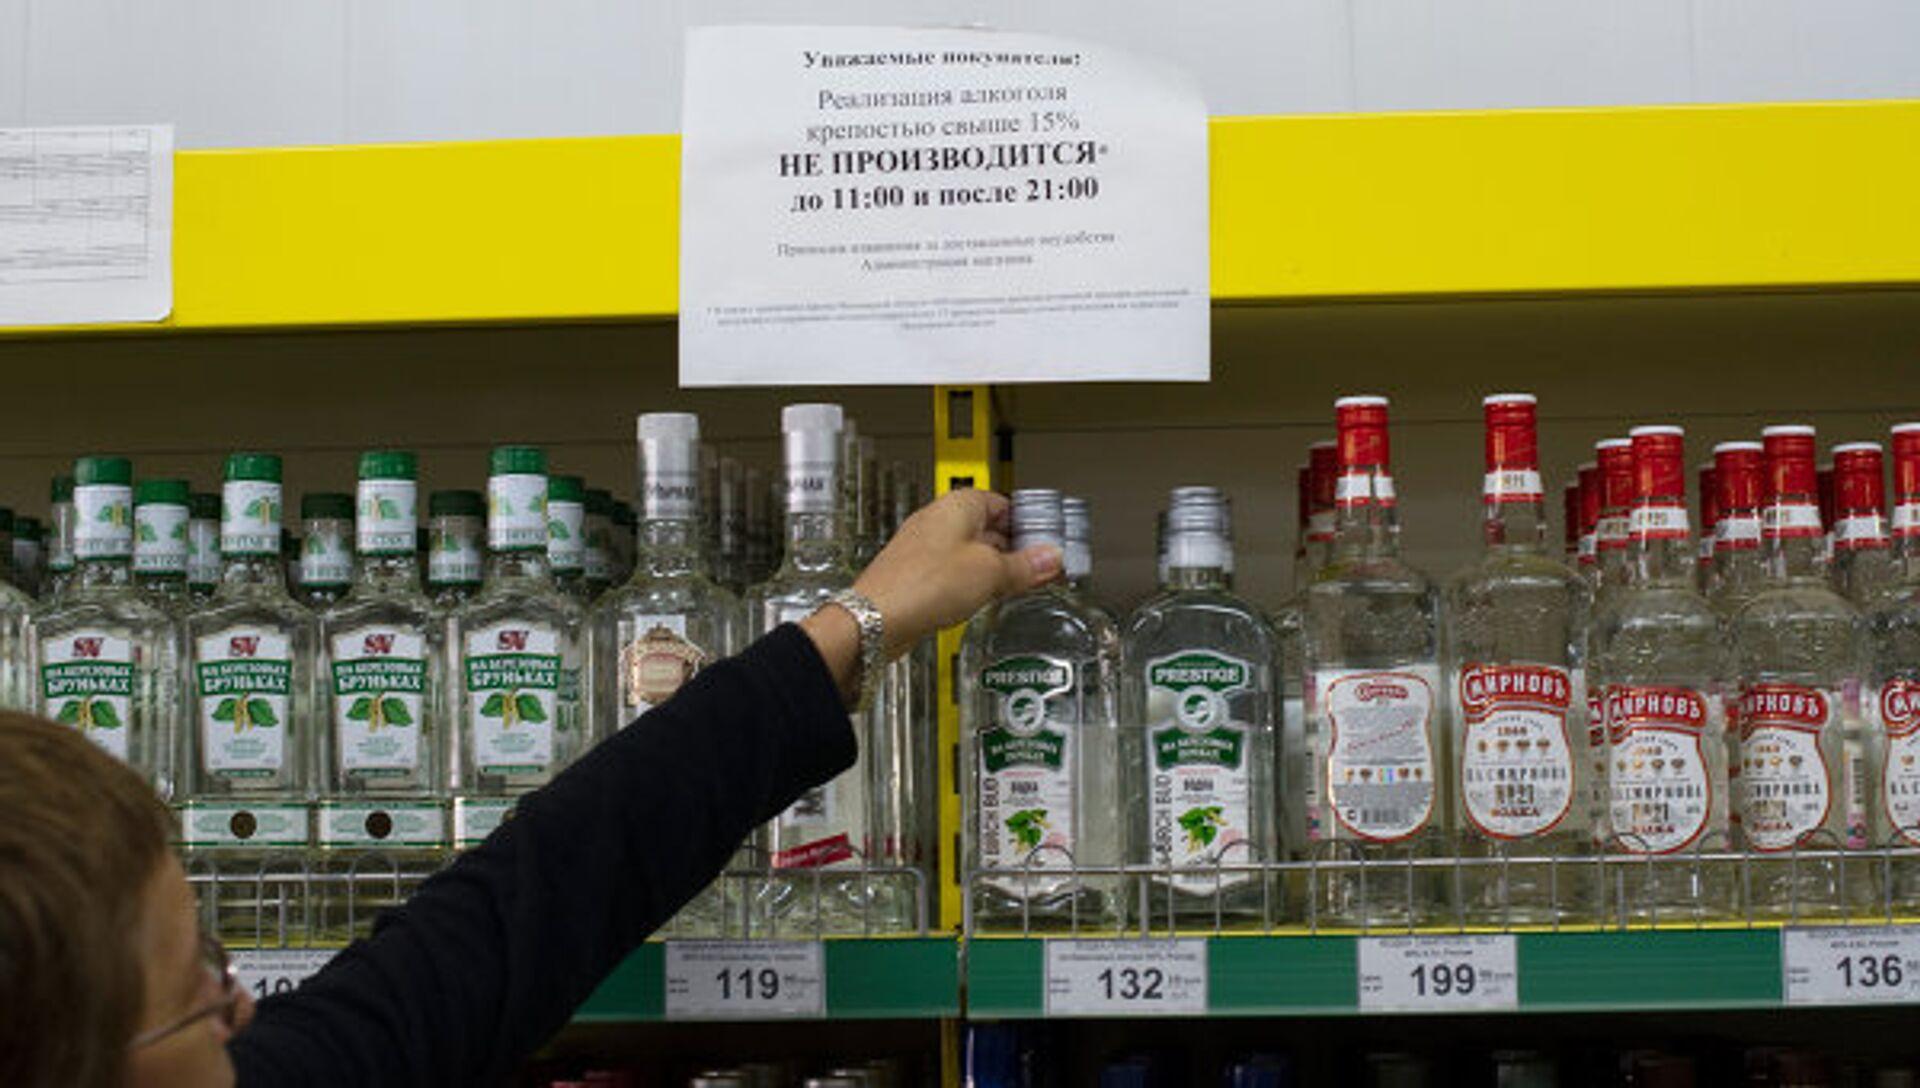 Со Скольки Продают Водку В Магазинах